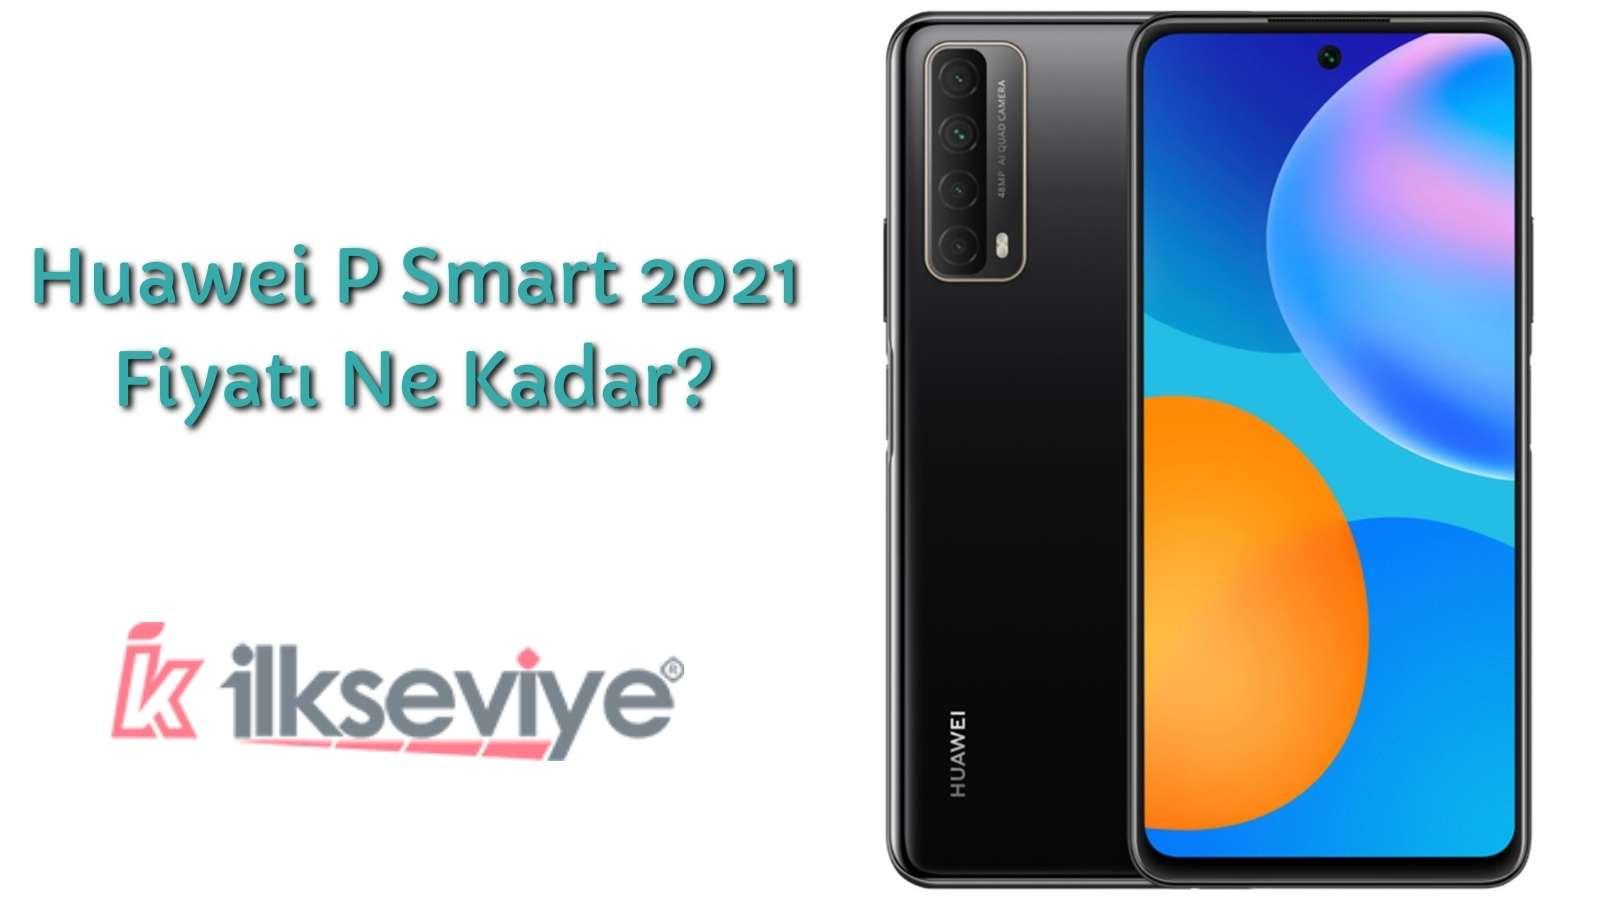 Huawei P Smart 2021 Fiyat